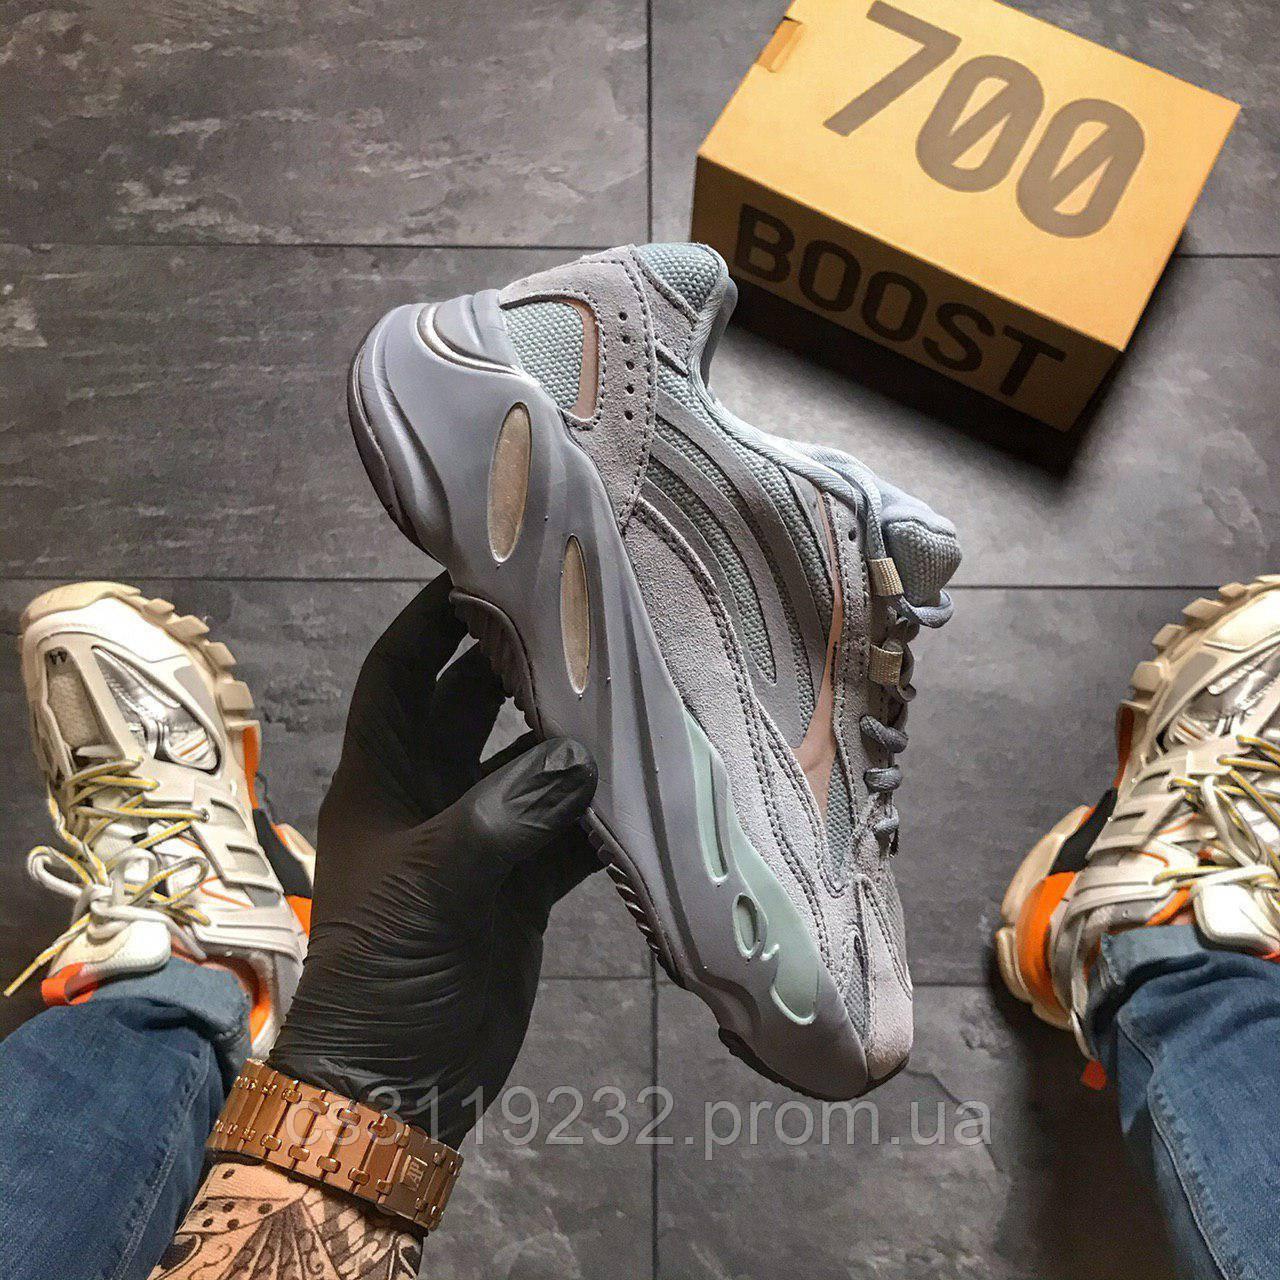 Женские кроссовки Adidas Yeezy Boost 700 V2 Gospital Blue (серый)